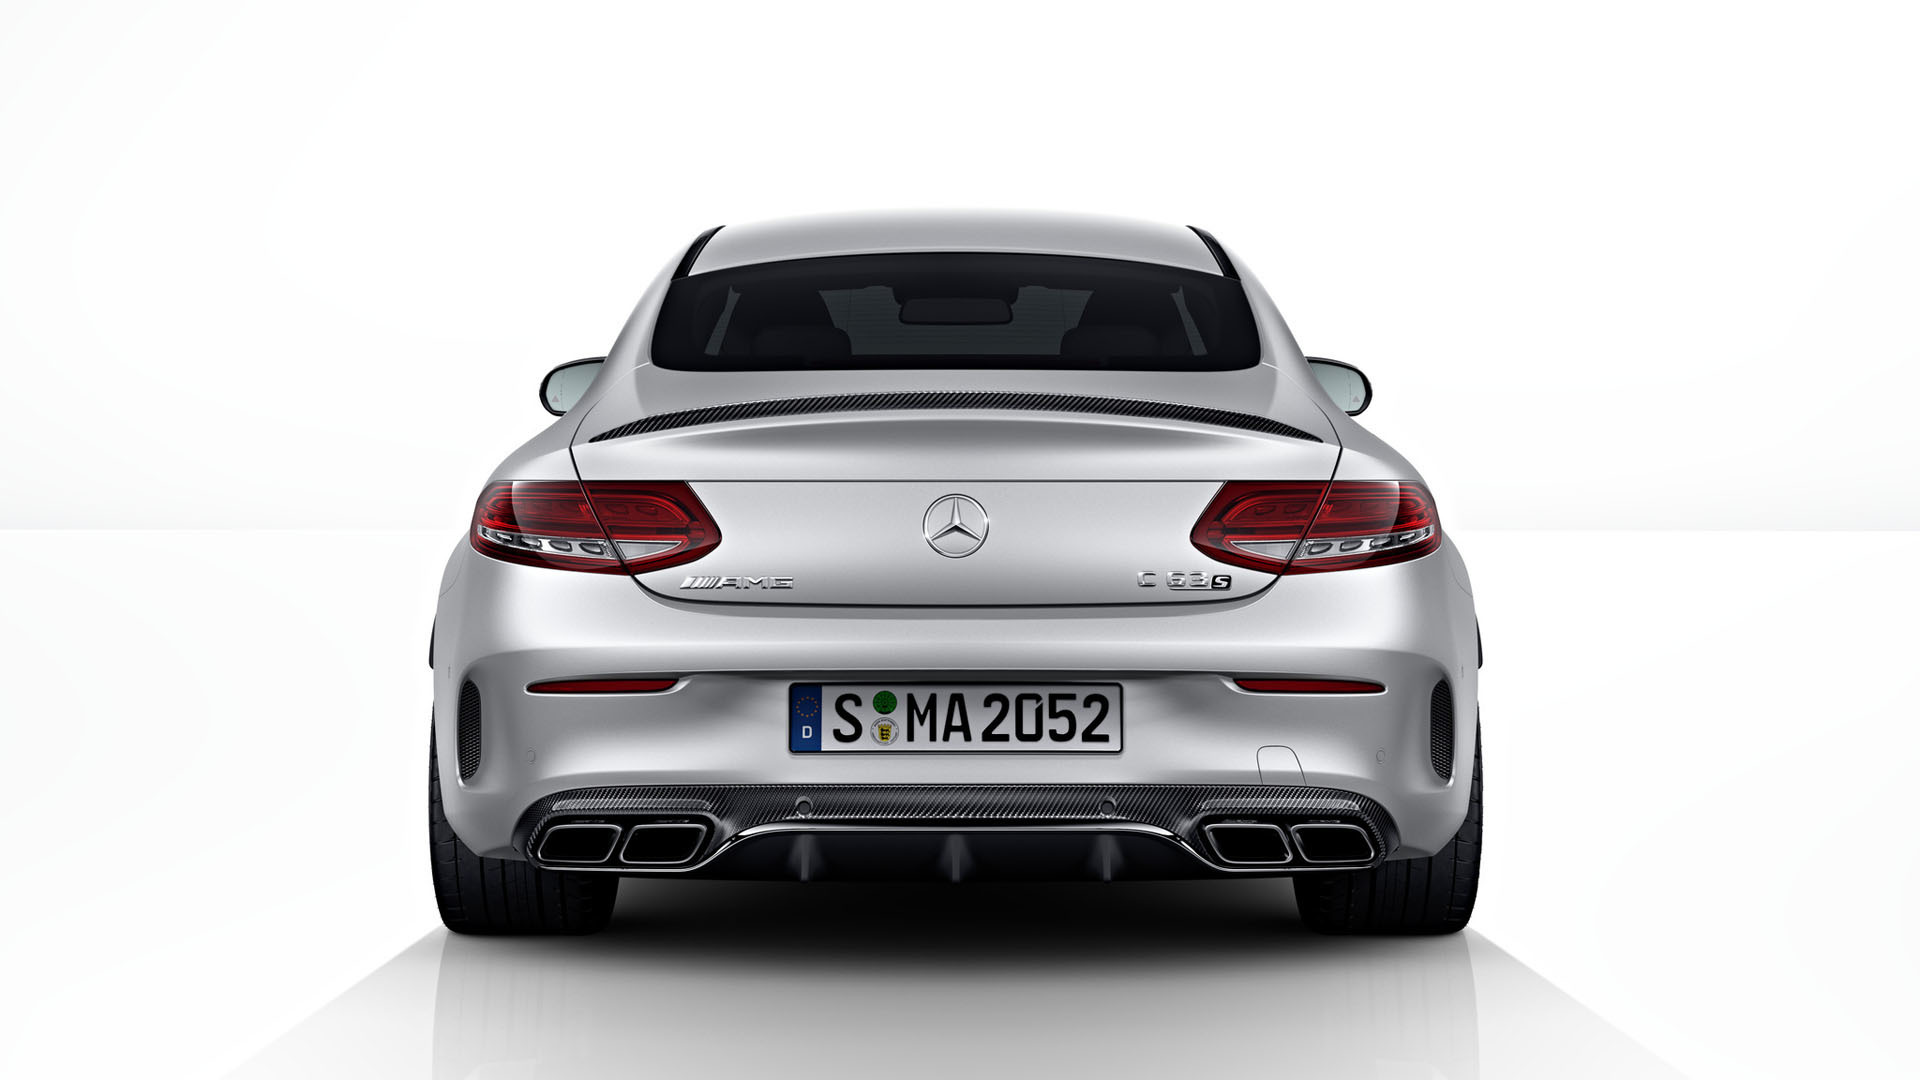 Карбоновый багажник 63 AMG Style для Mercedes С-class сoupe С205